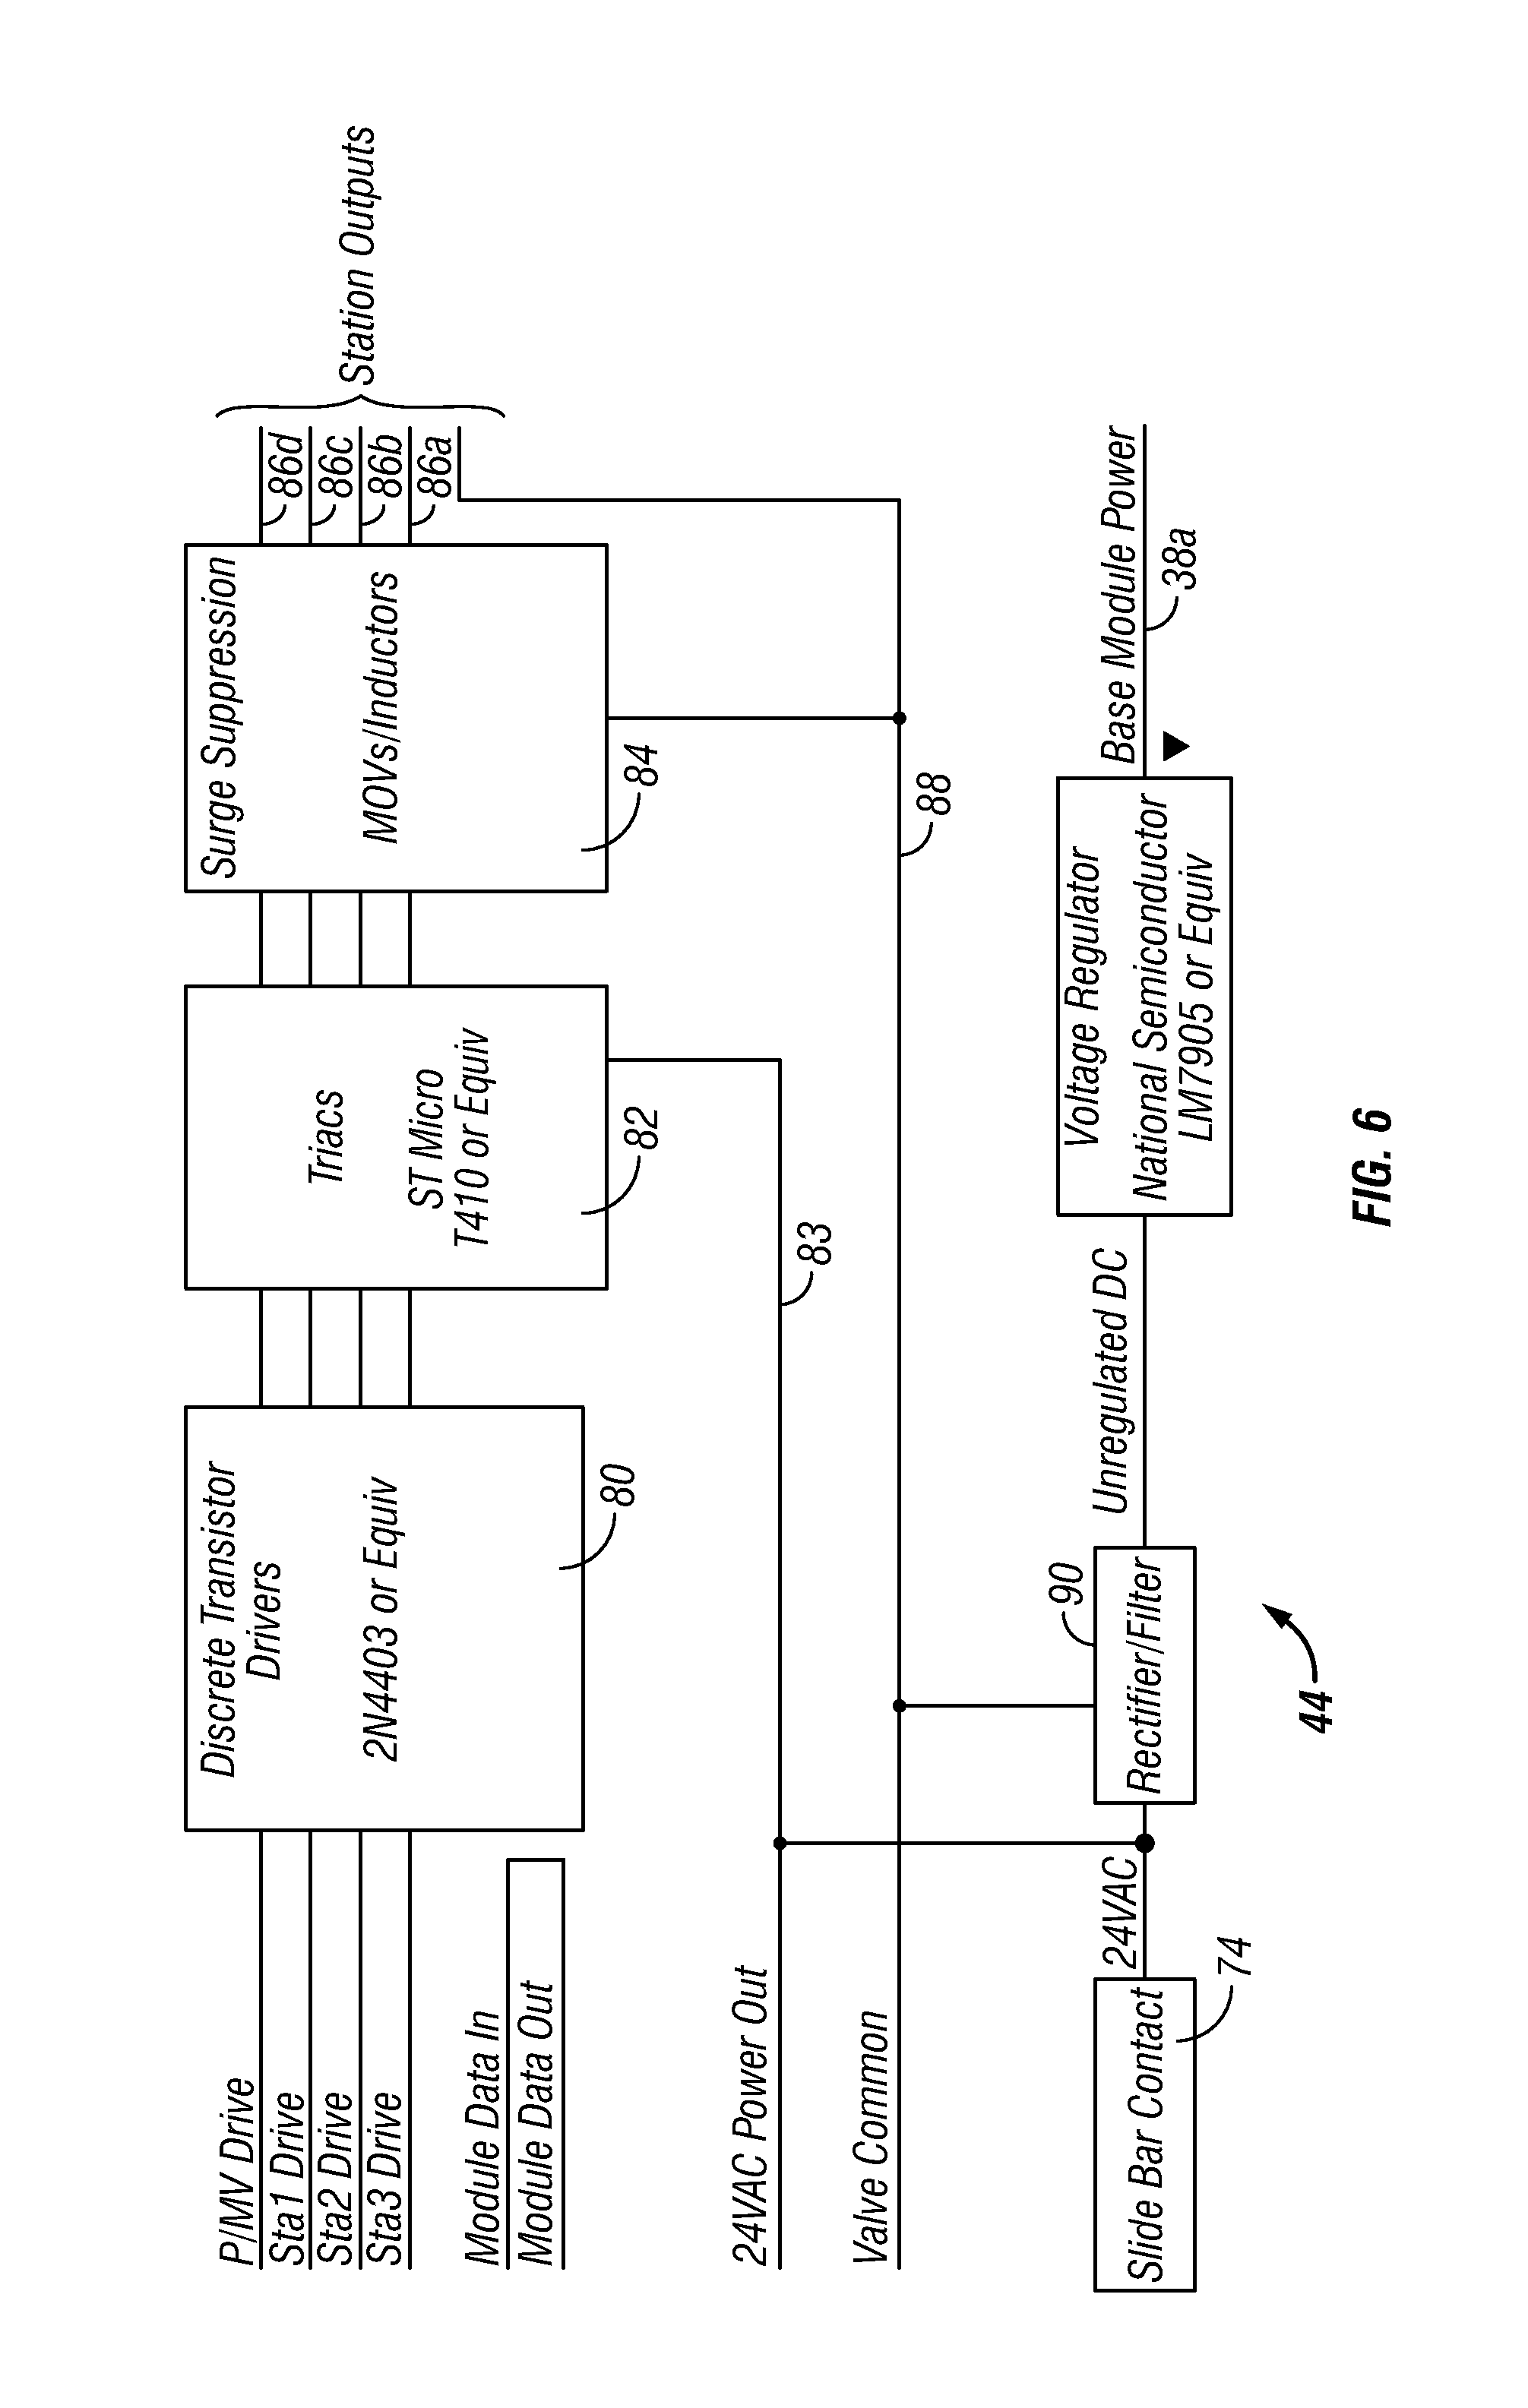 toro flo pro sprinkler wiring diagram basic shed wiring